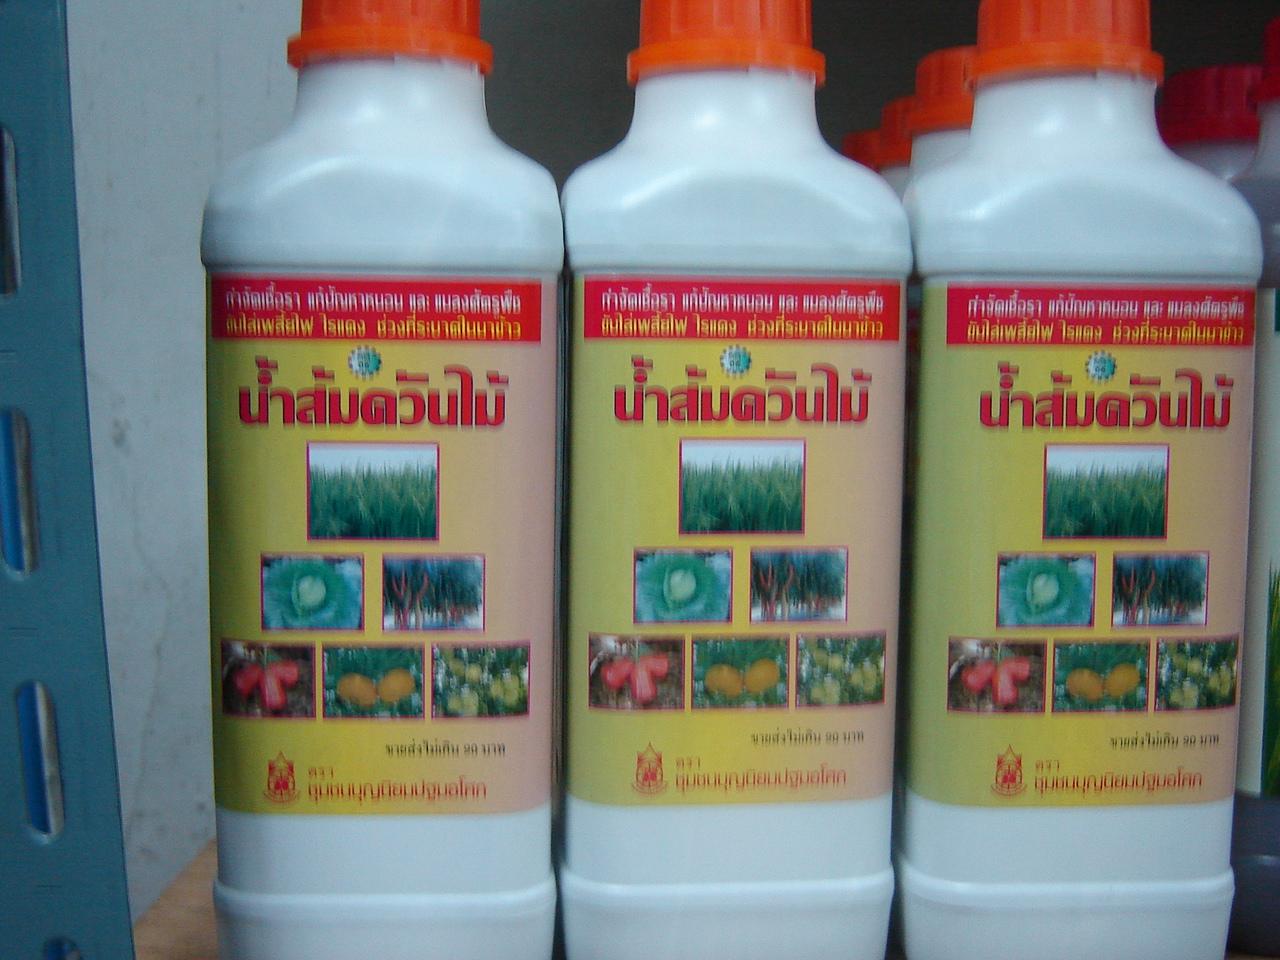 67-101-0610-1 น้ำส้มควันไม้ 1 ลิตร ปฐม สูตร 6 ลัง*12ห